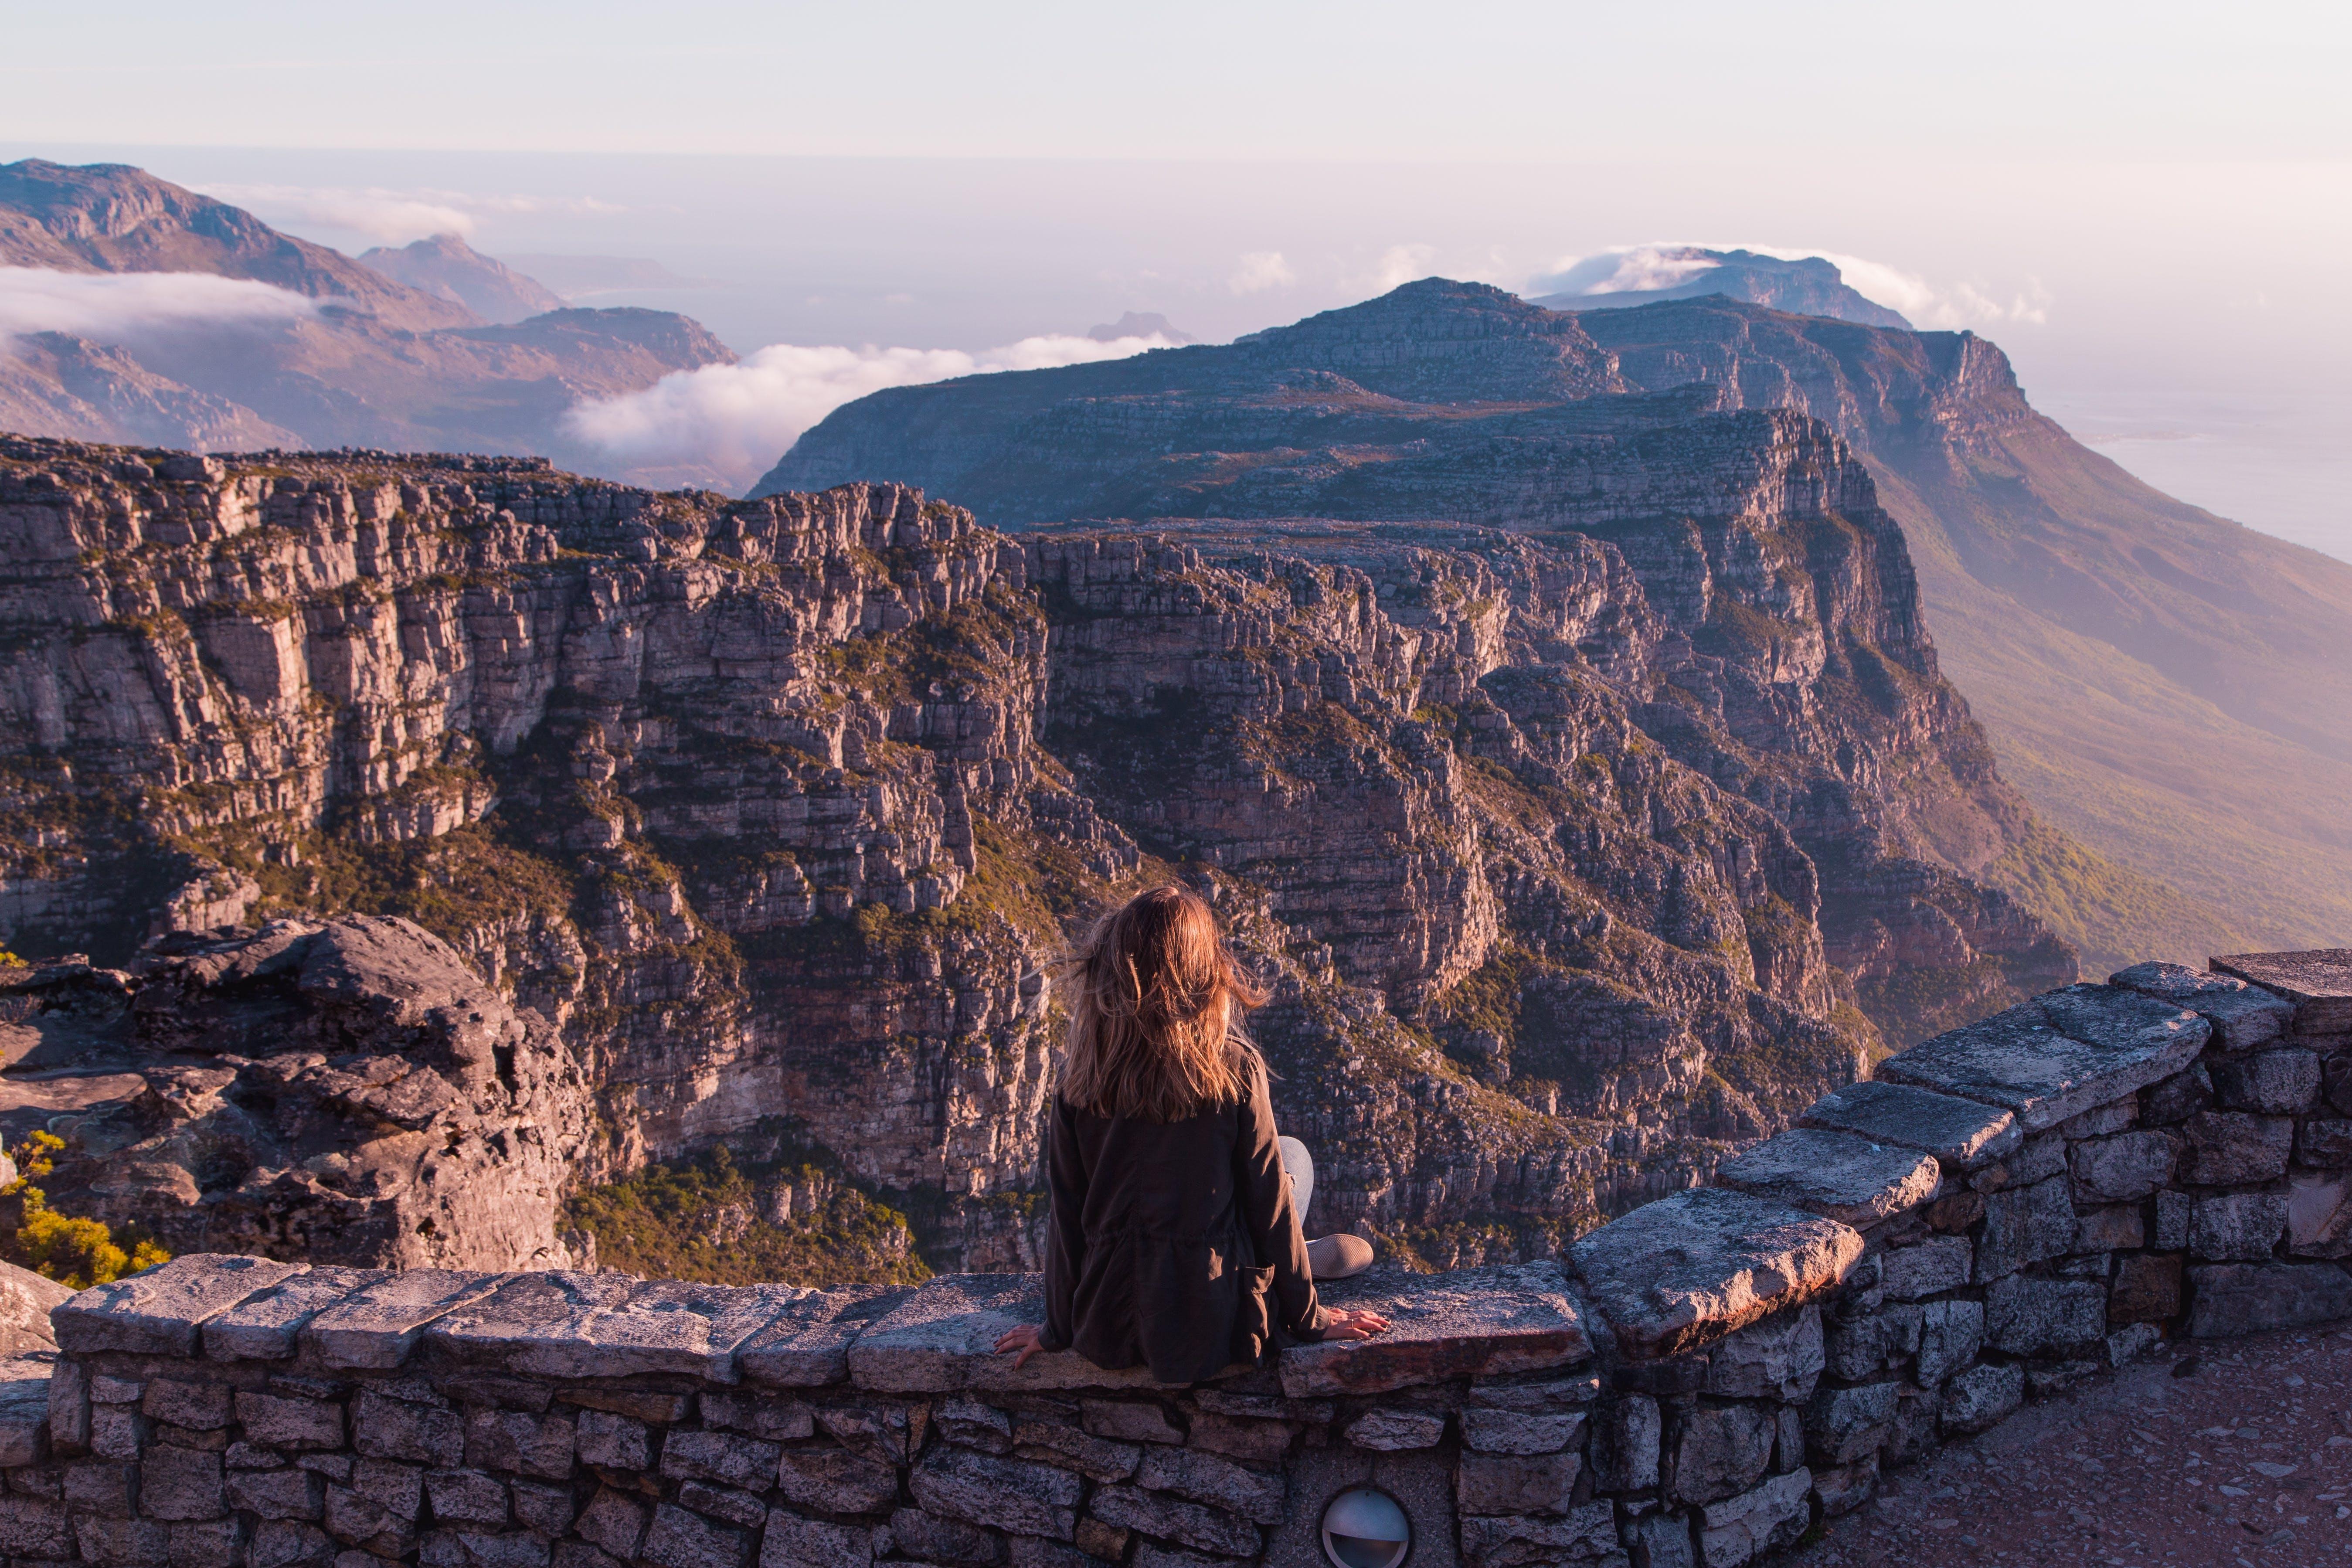 woman sitting on stonewall